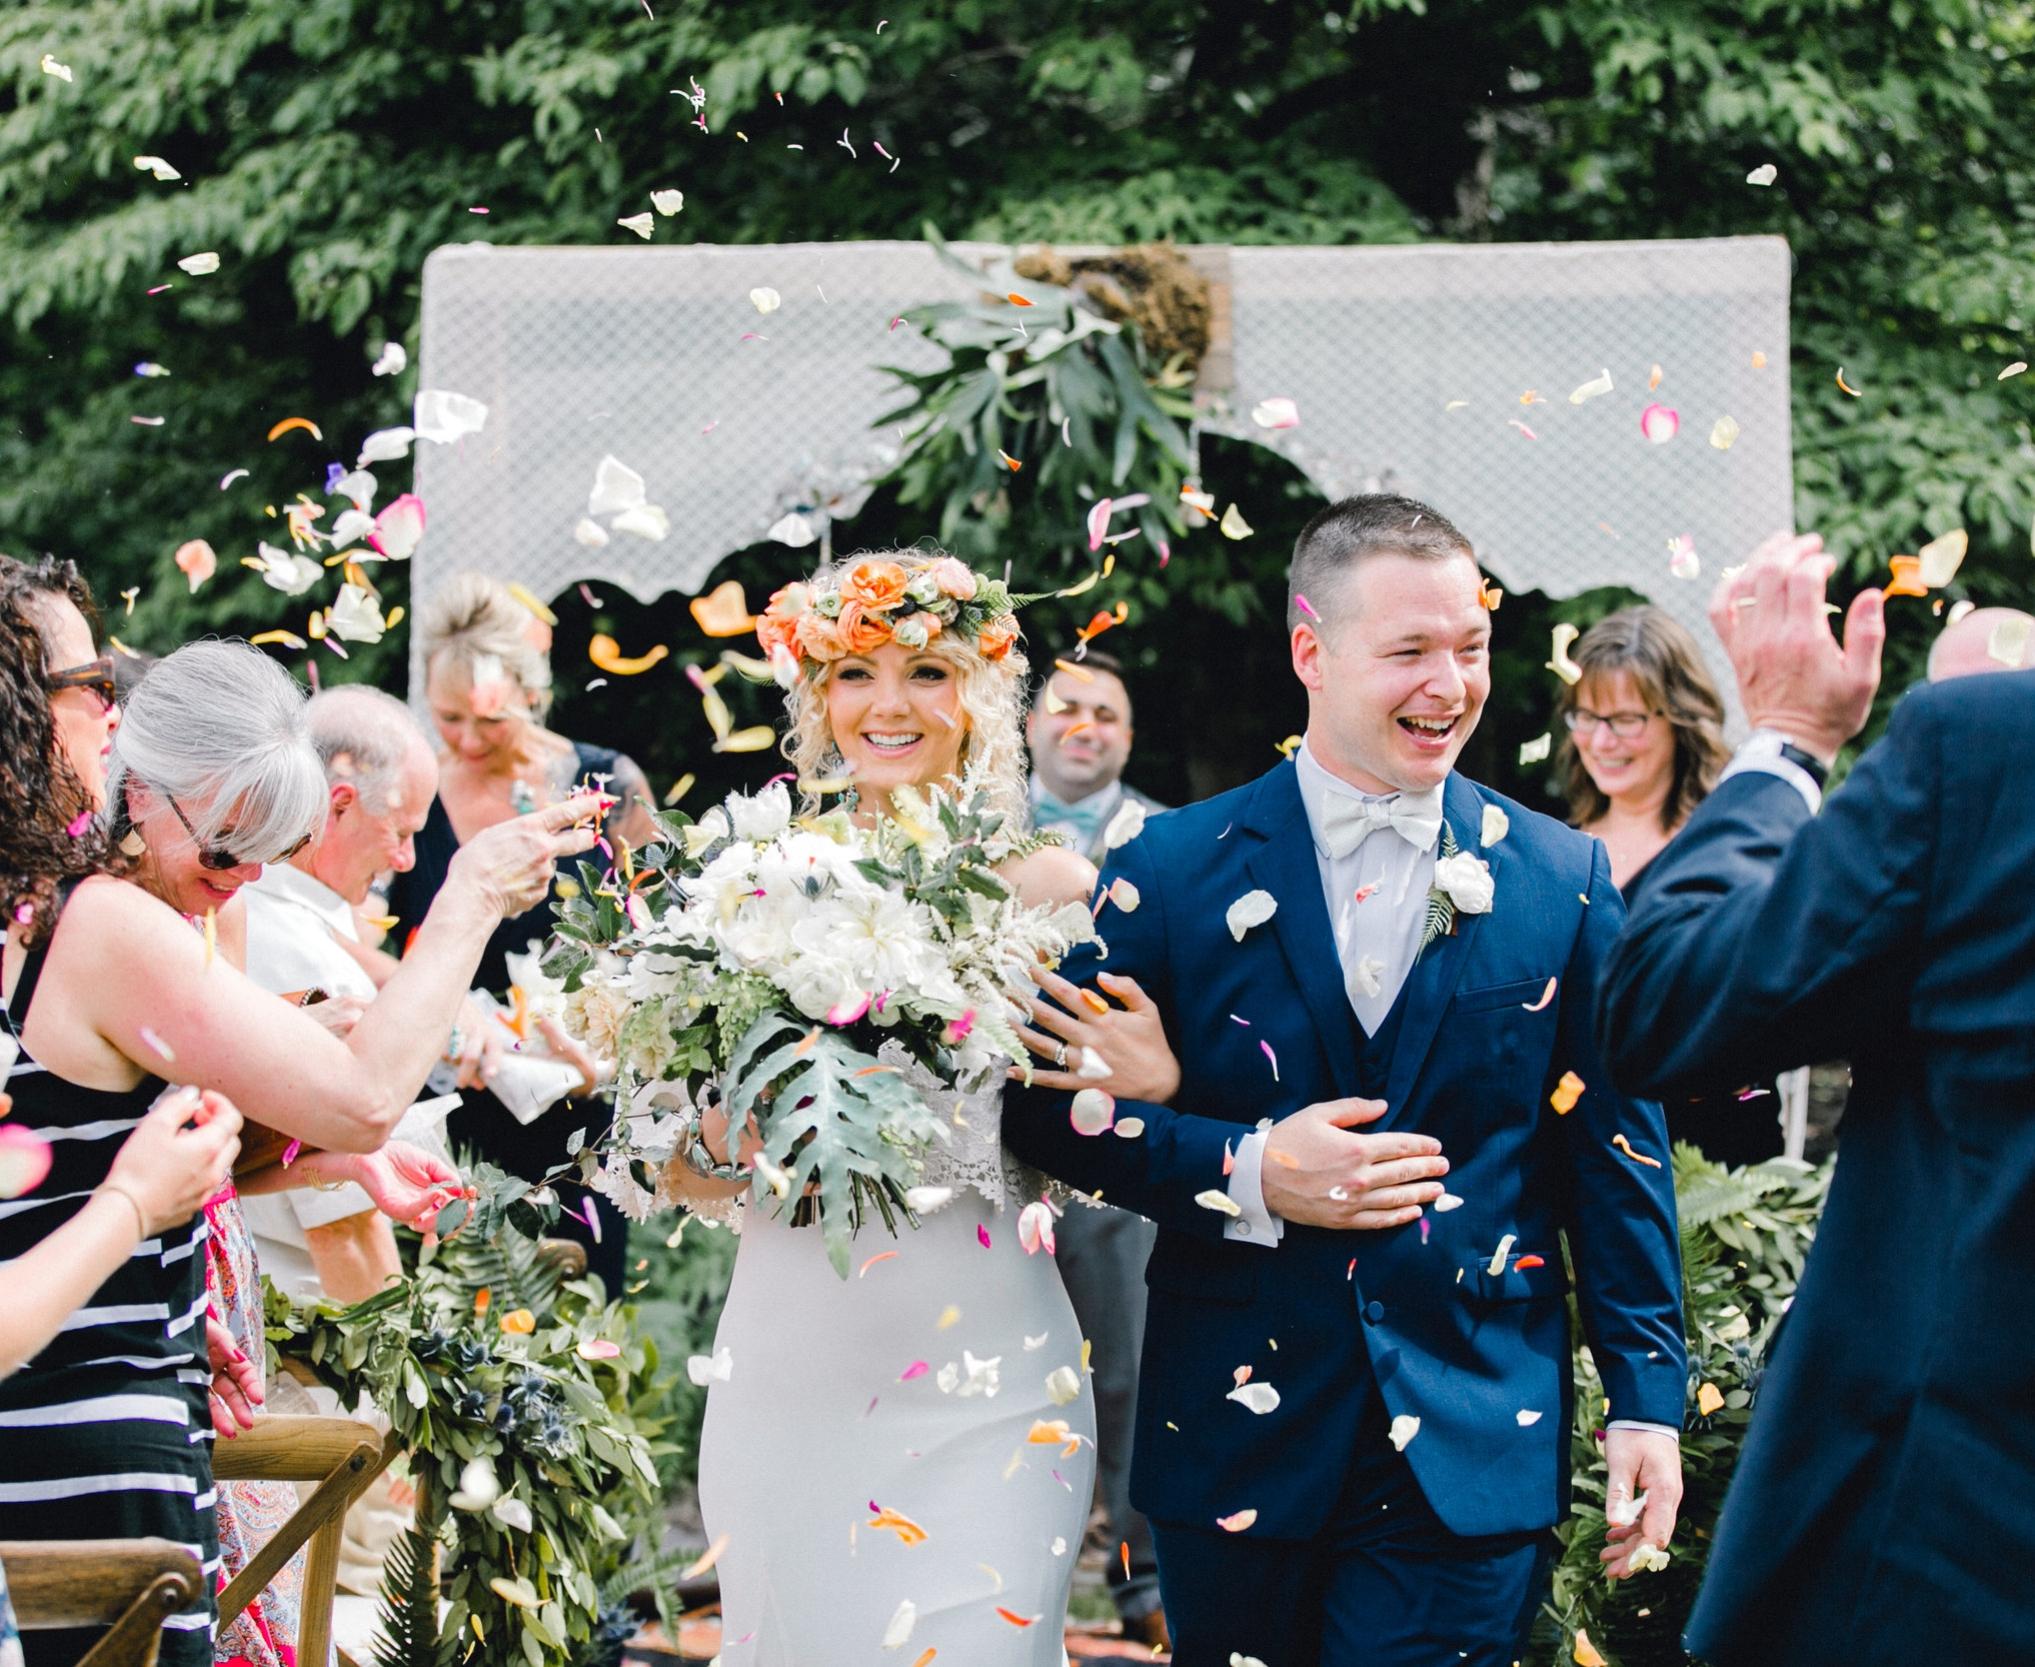 Beth + Dayn: a favorite 2017 wedding